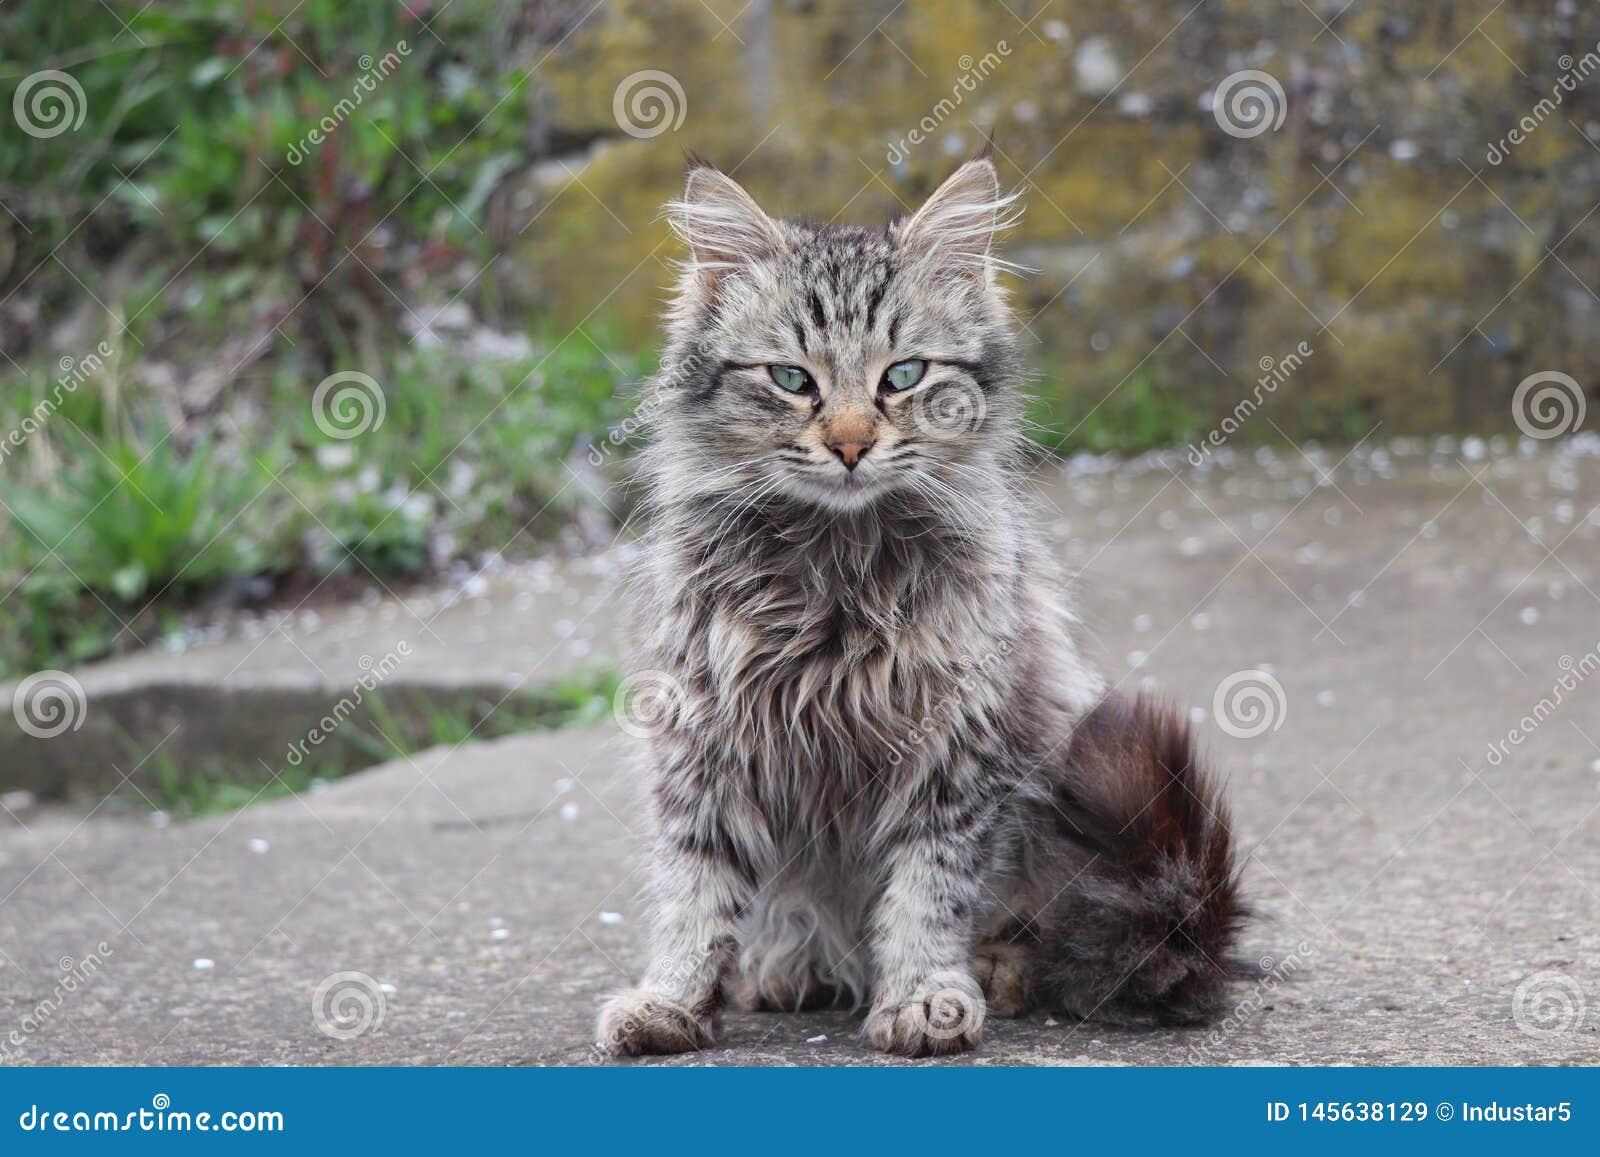 Gatto domestico con una coda lunga